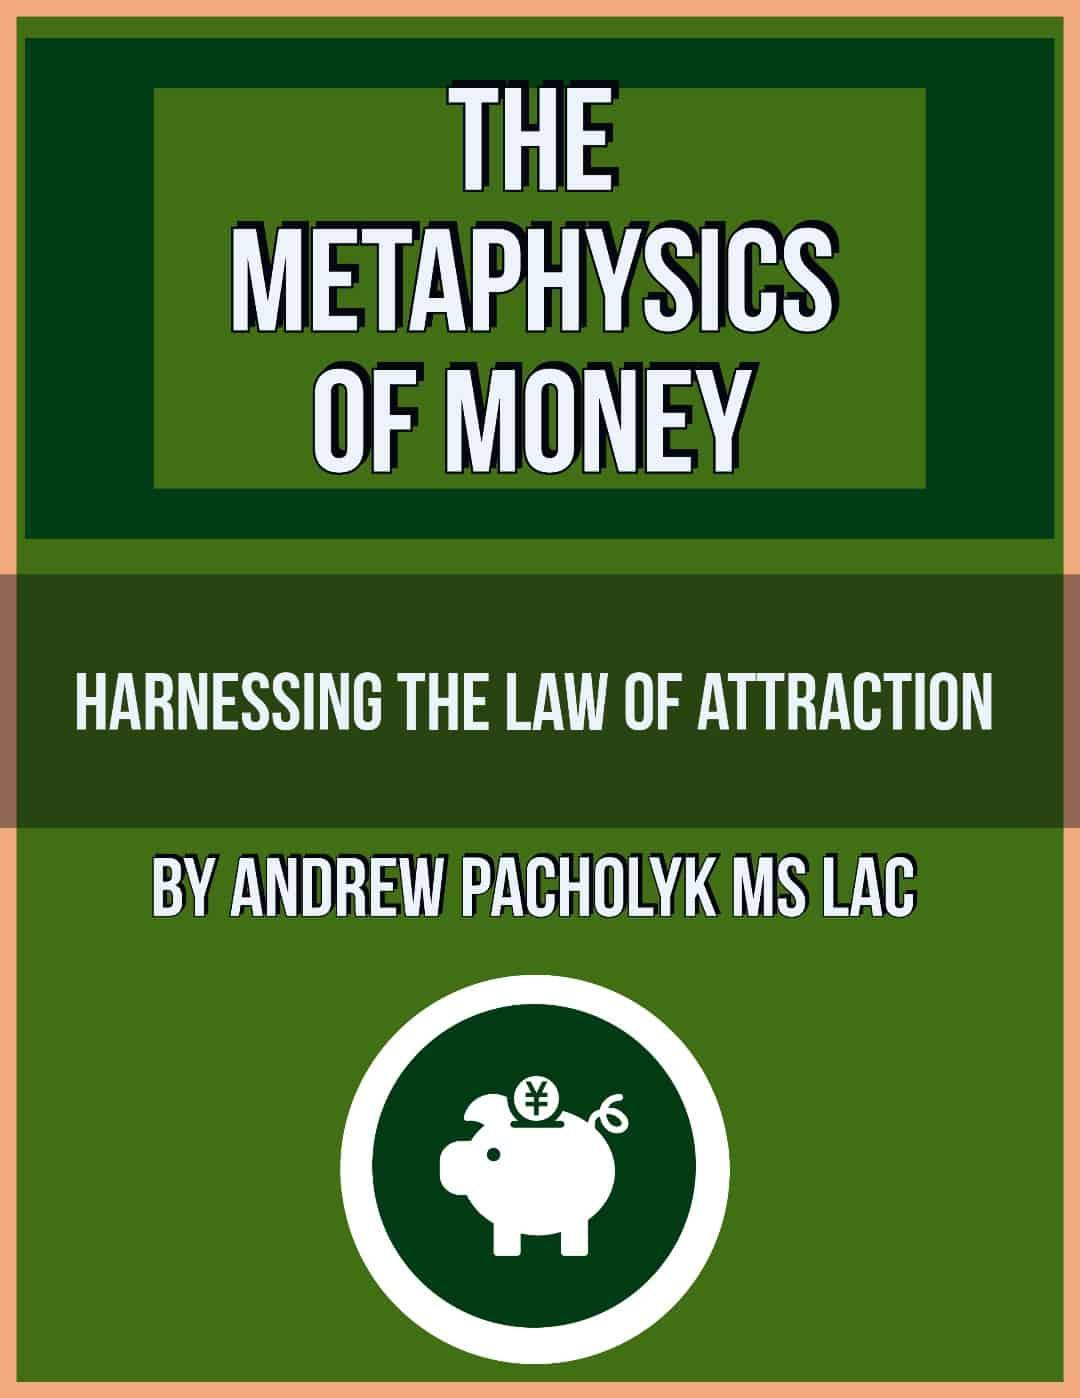 Metaphysics of Money